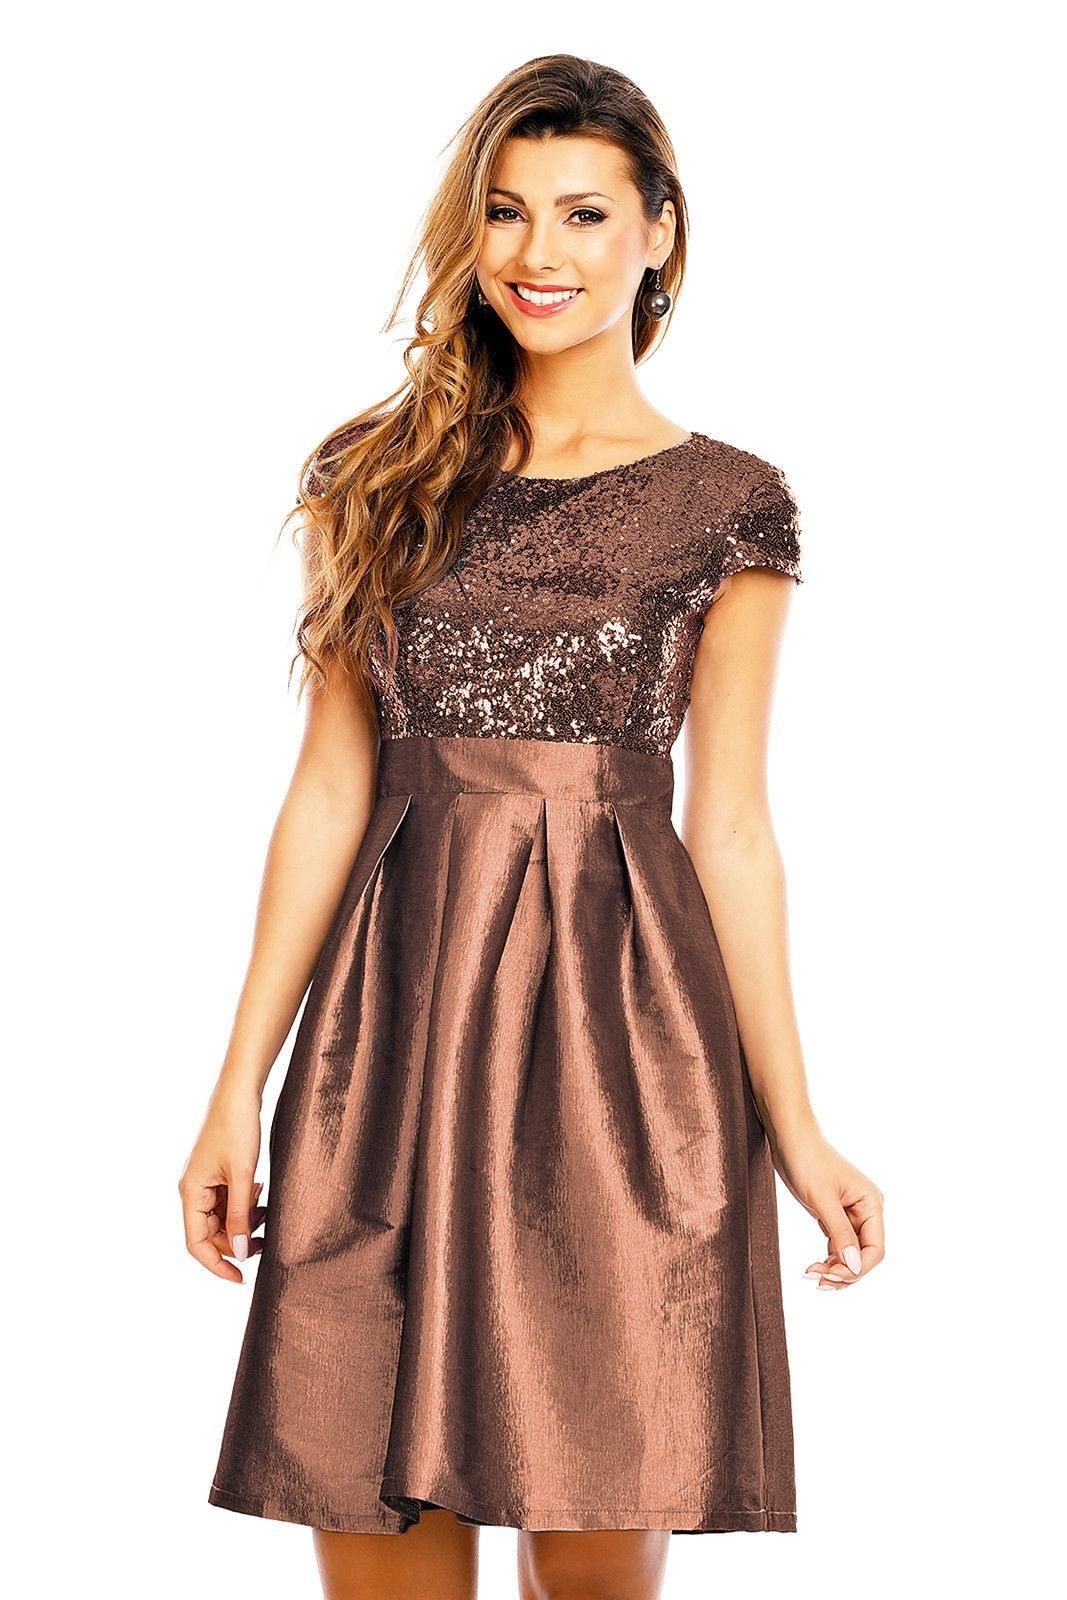 10 Luxus Weihnachtskleid Damen DesignFormal Cool Weihnachtskleid Damen Spezialgebiet